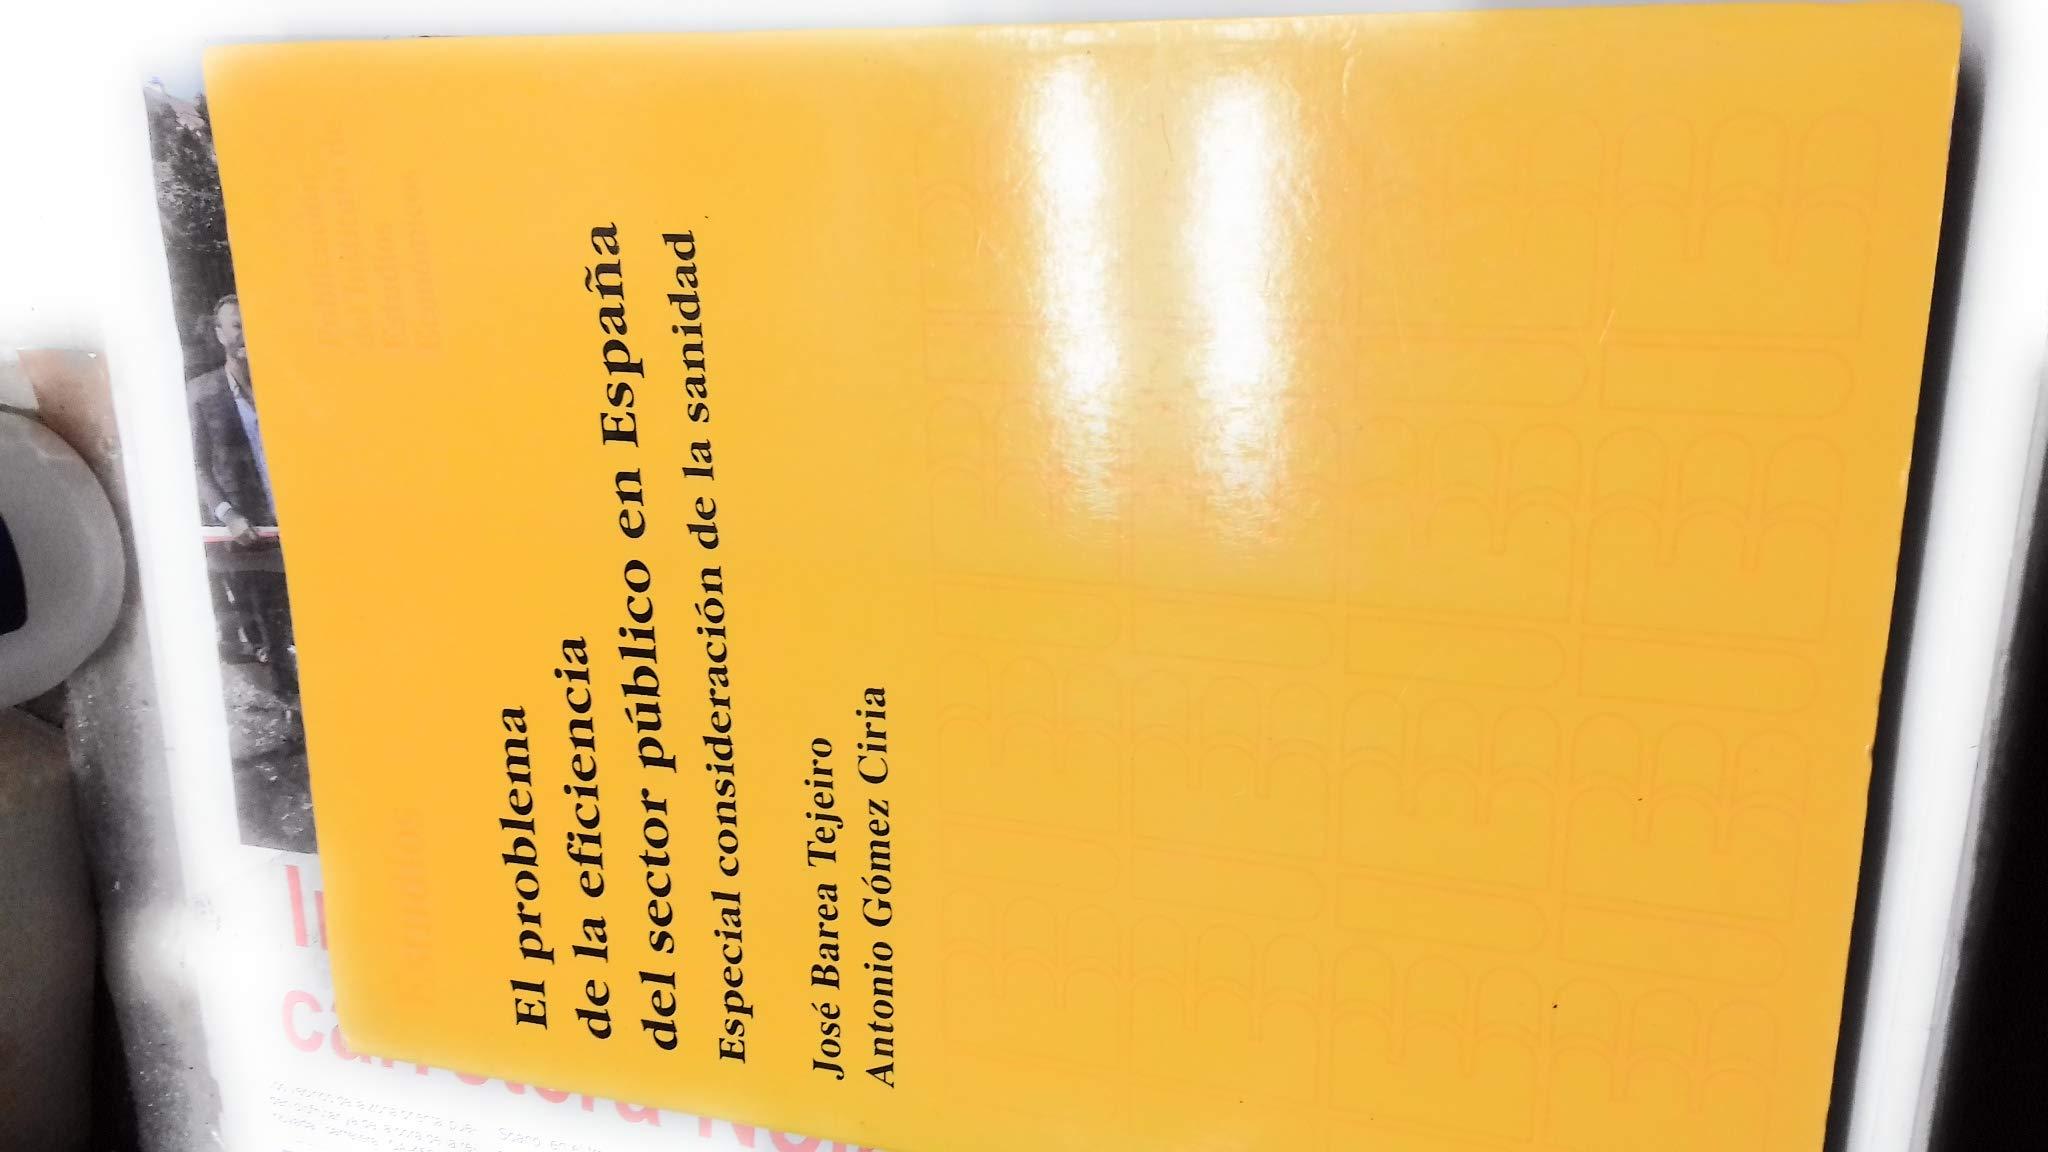 El problema de la eficiencia del sector público en España Estudios: Amazon.es: Barea Tejeiro, José: Libros